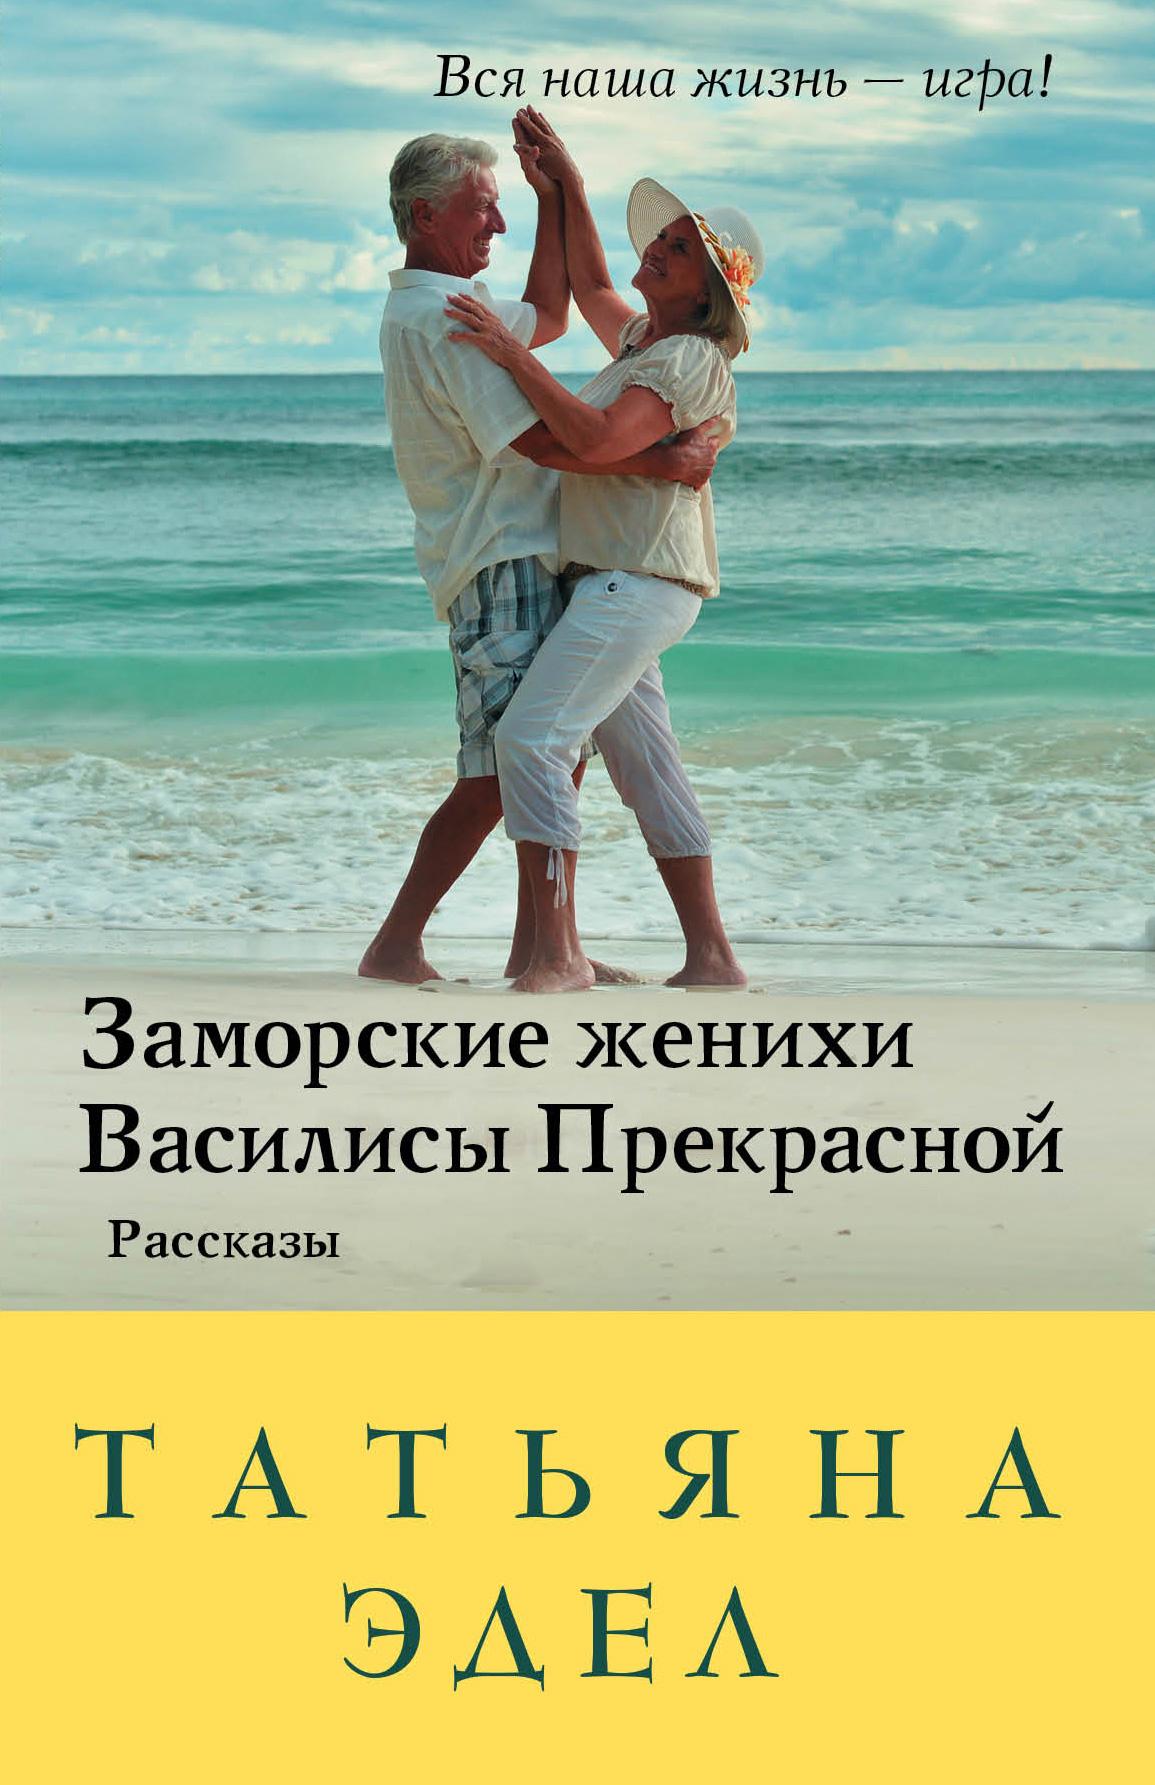 Татьяна Эдел Заморские женихи Василисы Прекрасной